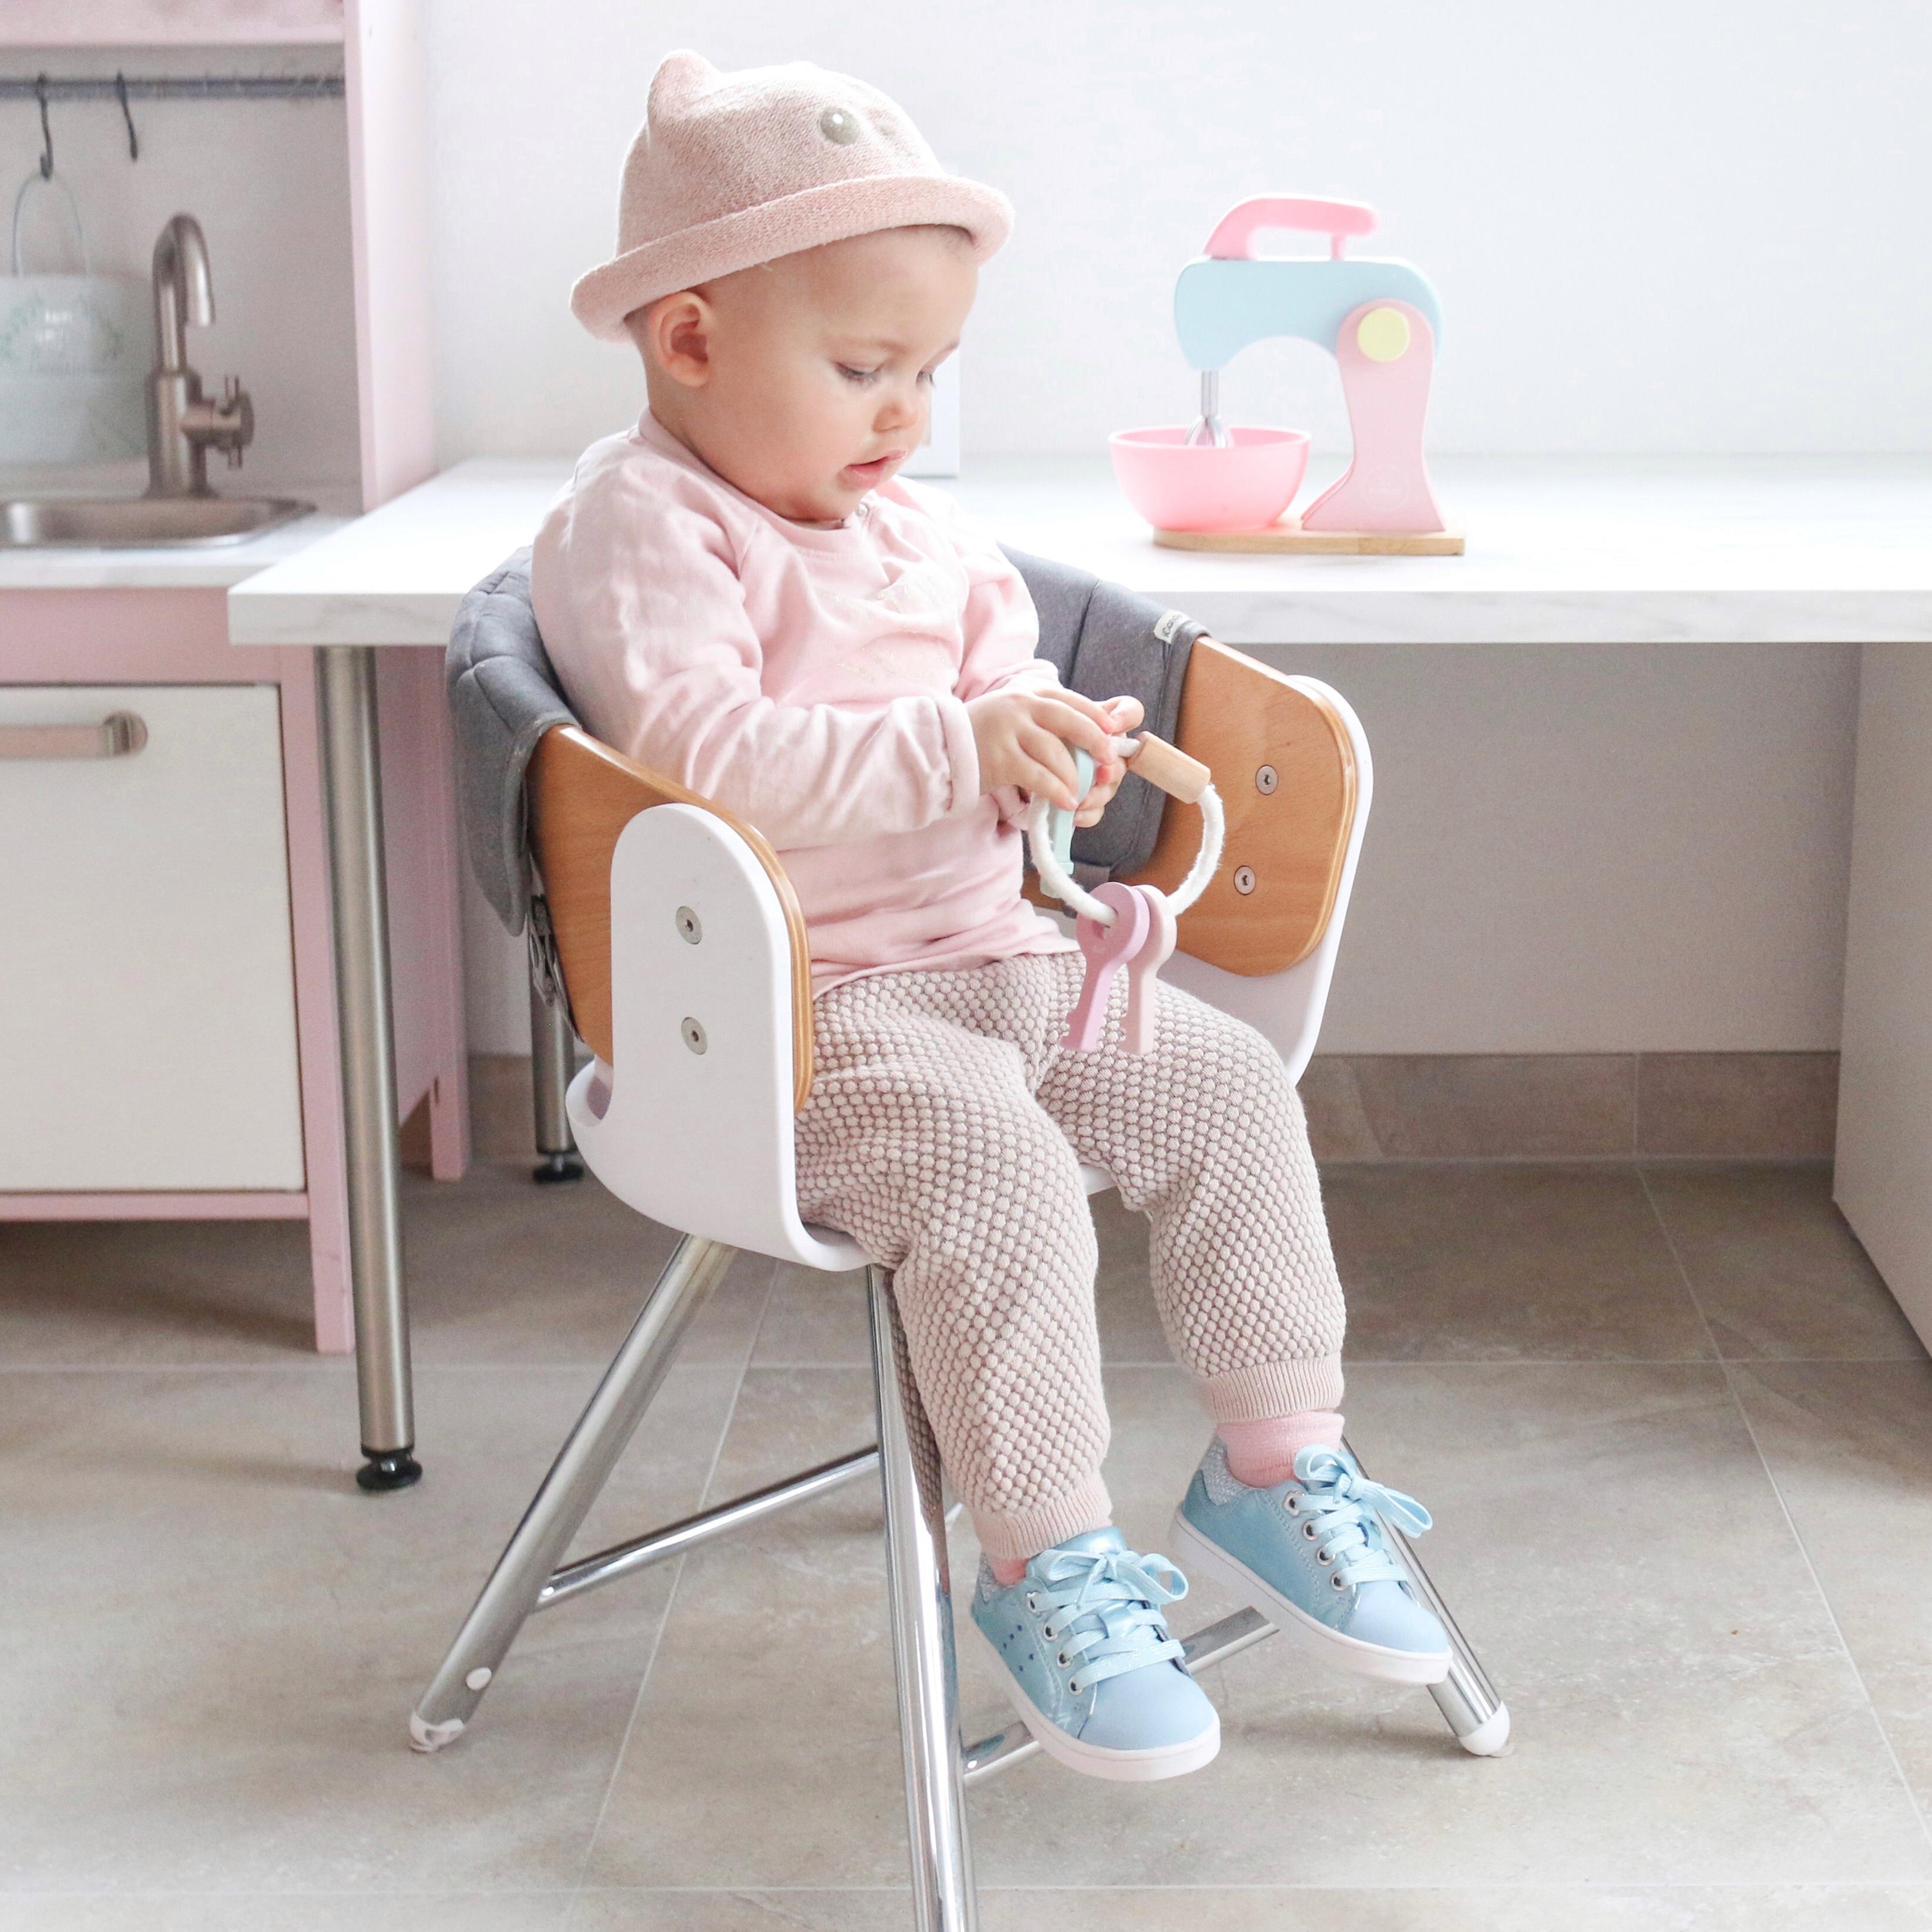 De juiste maat voor kinderschoenen, heel belangrijk! 2